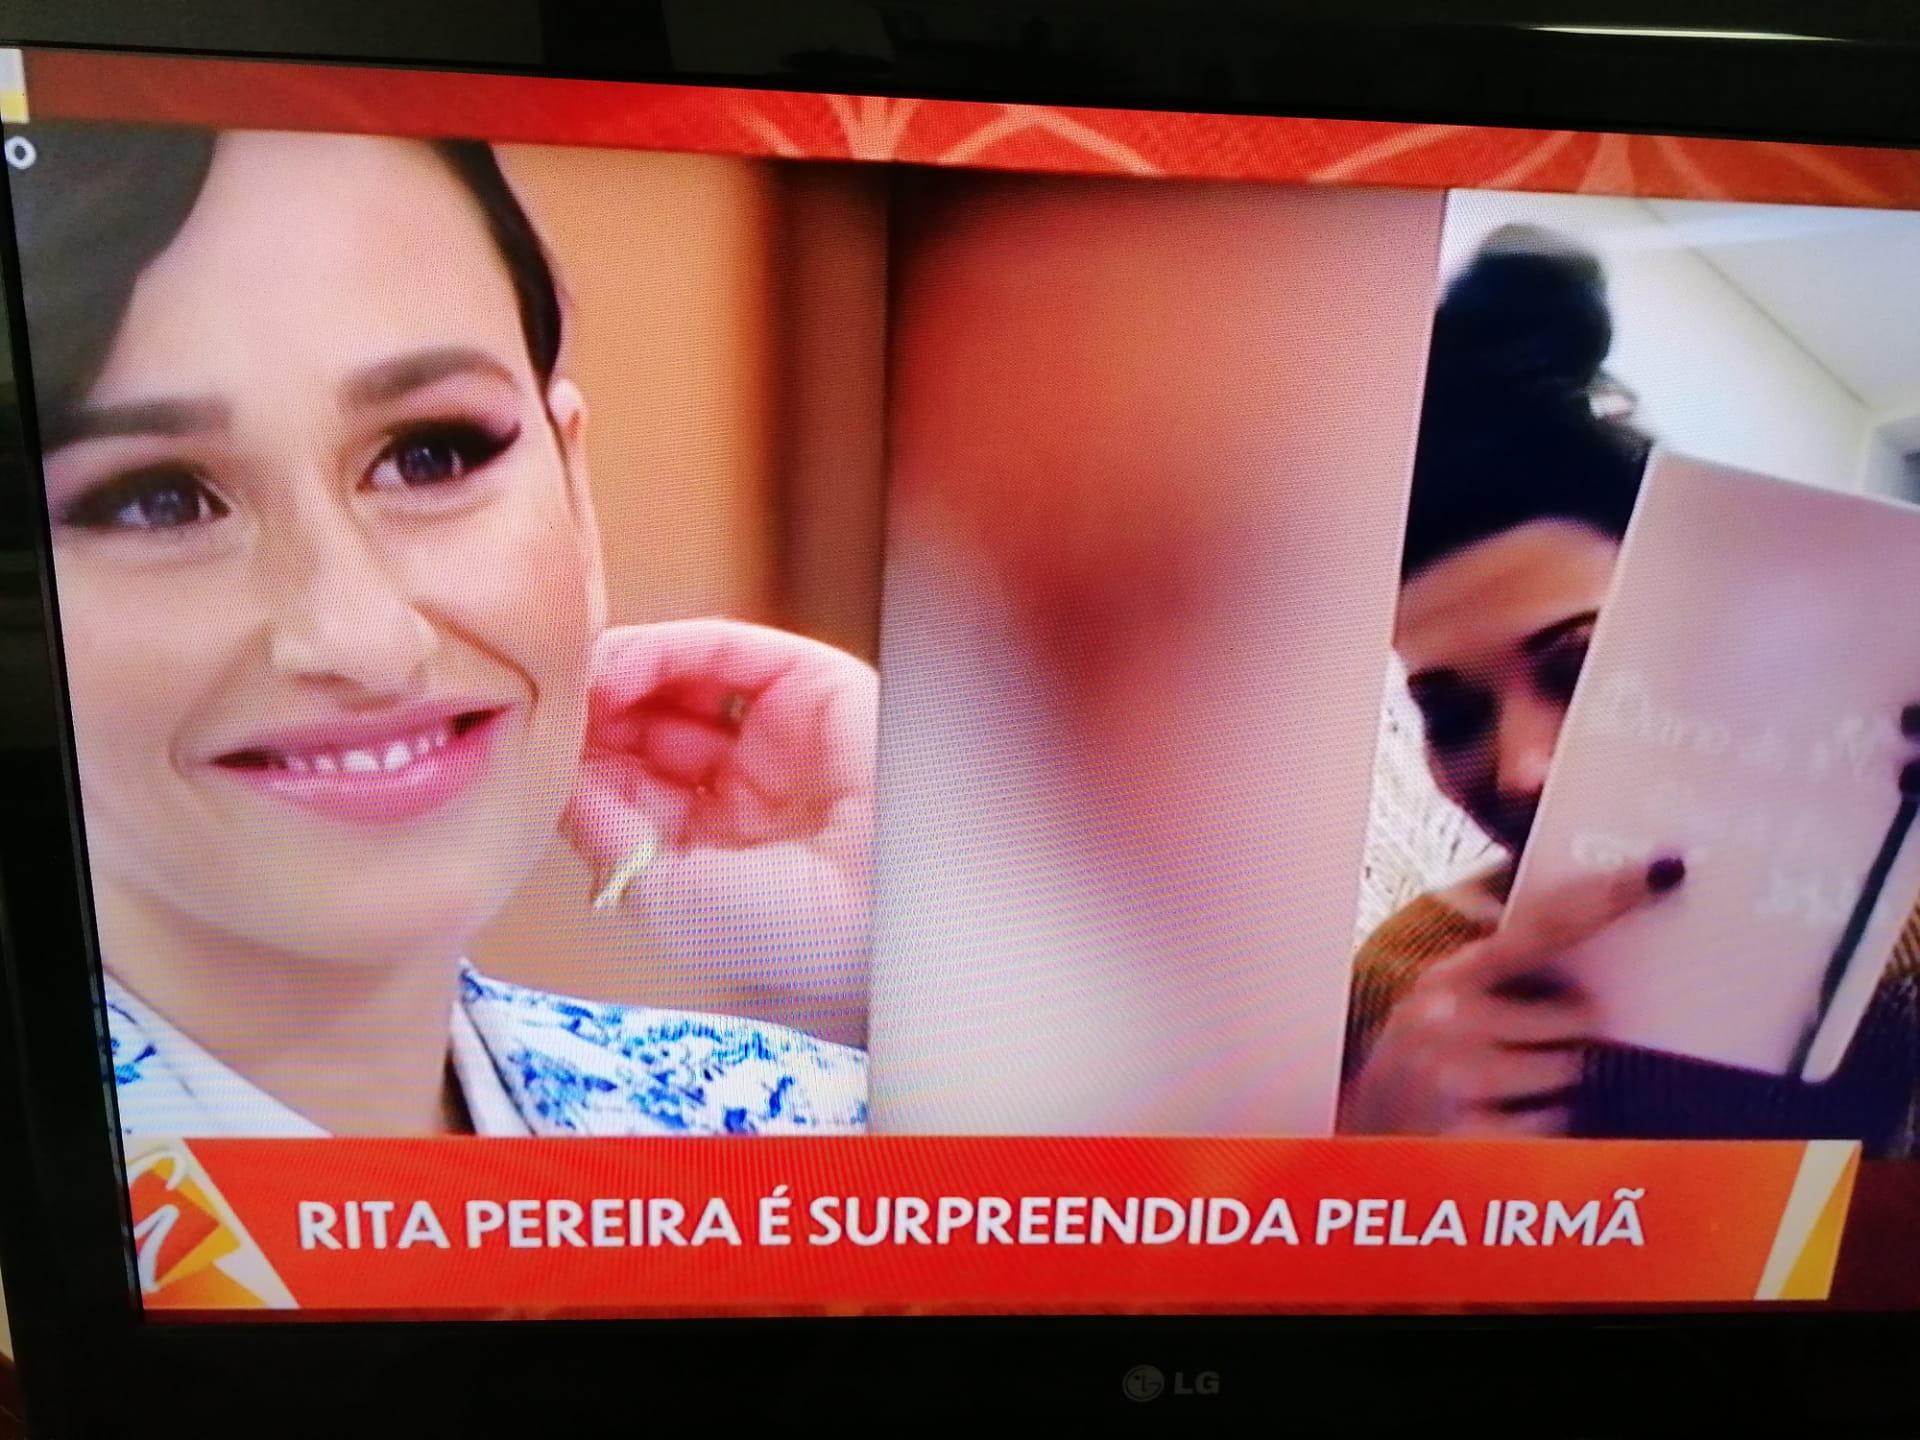 Rita Pereira emocionada